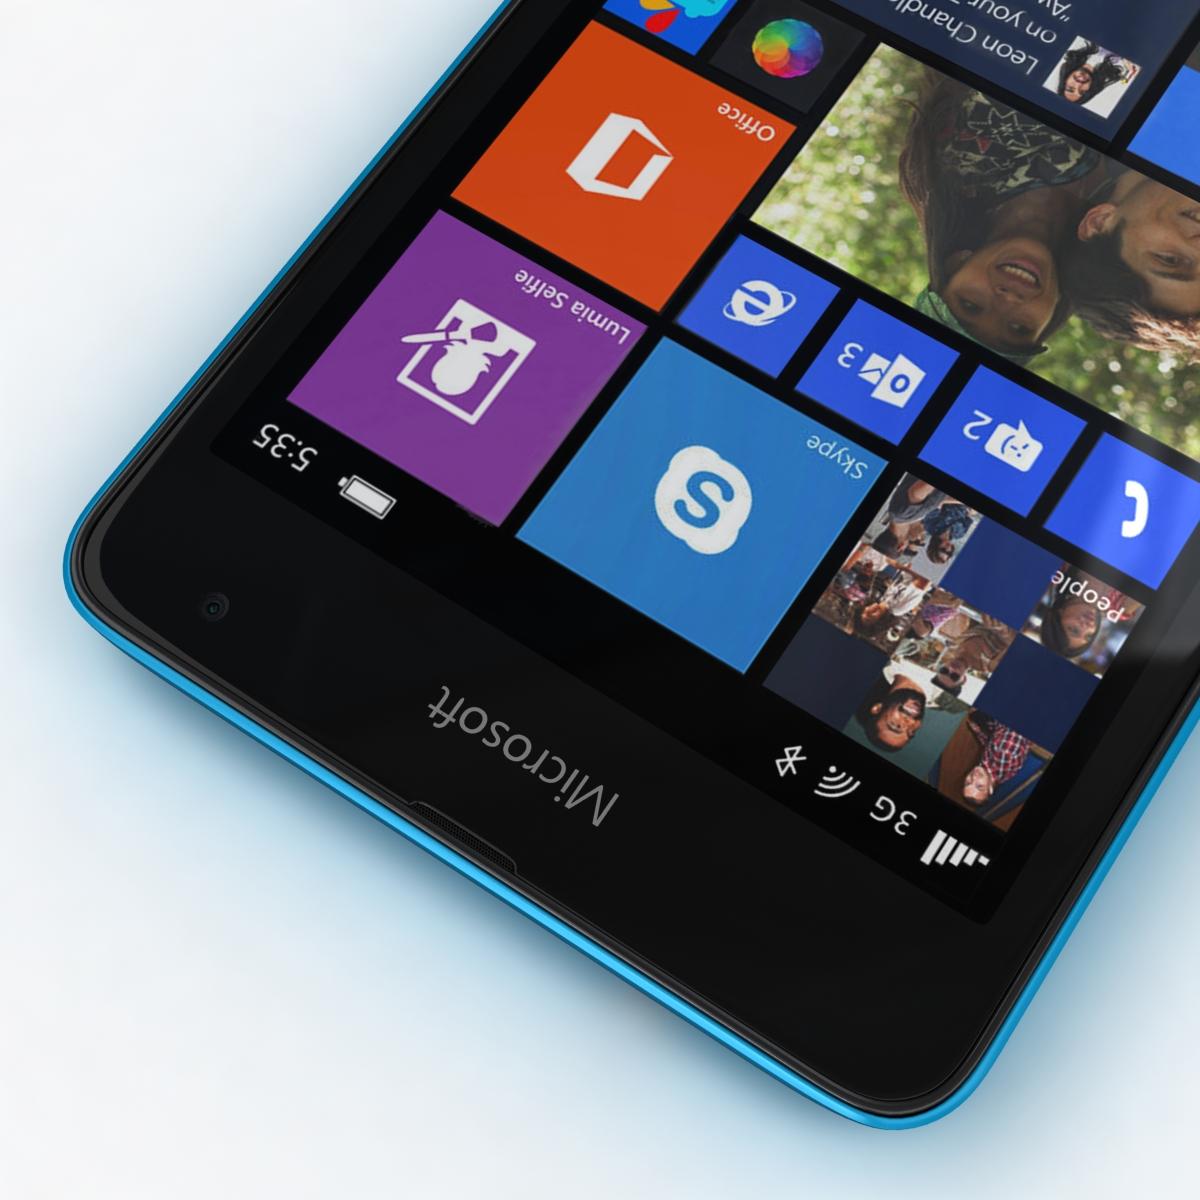 microsoft lumia 535 and dual sim all colors 3d model 3ds max fbx c4d obj 204697